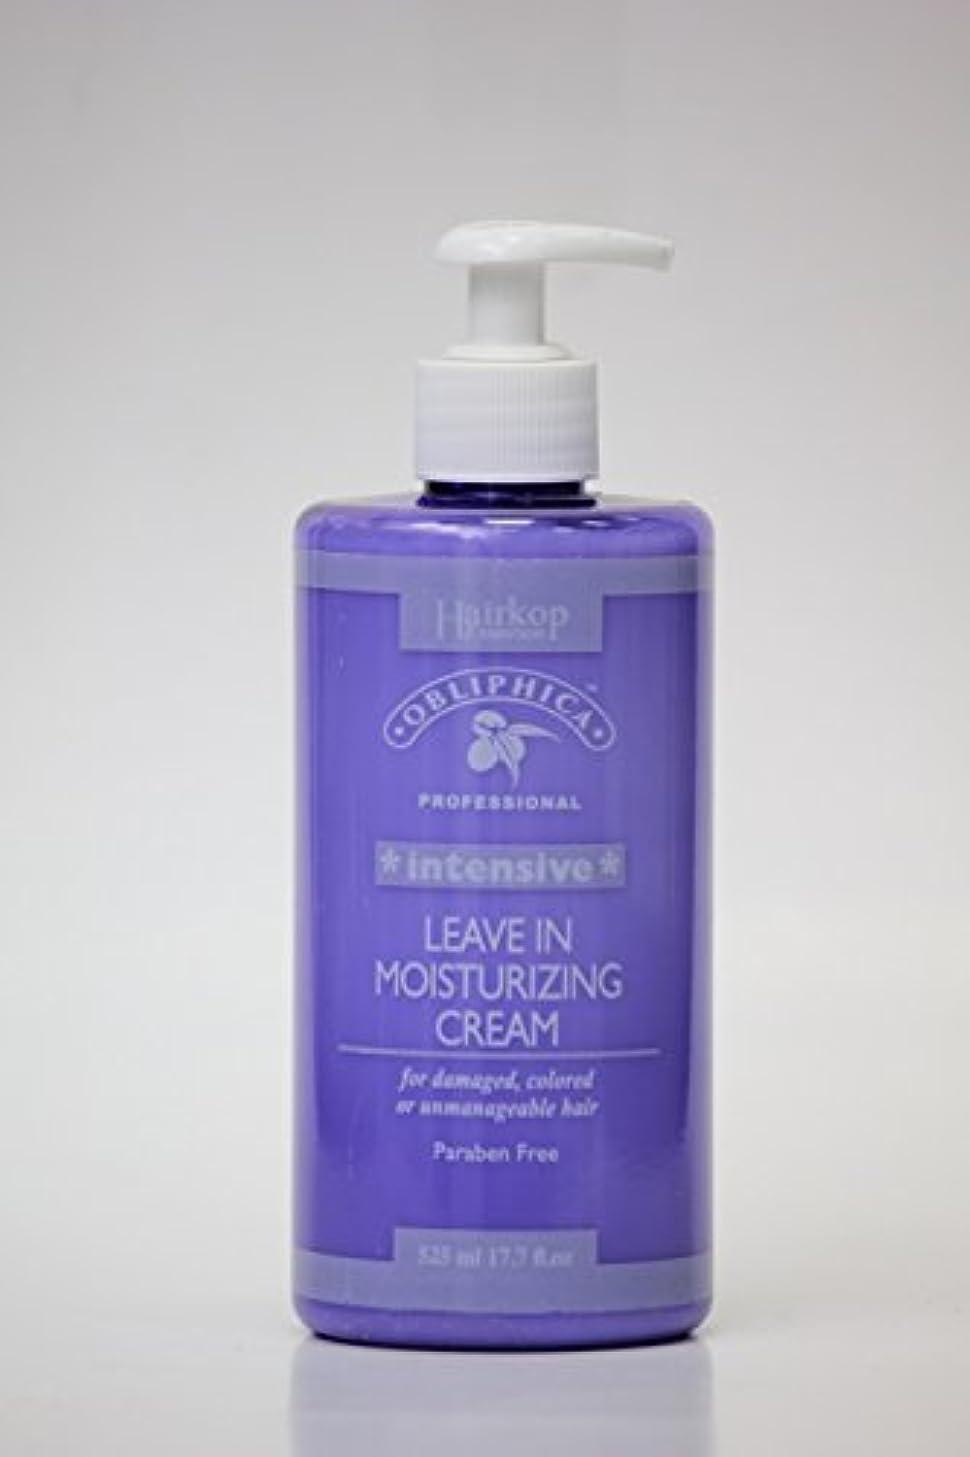 Obliphica - モイスチャライジングクリームインテンシブリーブ(ダメージヘア、カラーヘア、または手に負えない髪用)525ml / 17.7oz